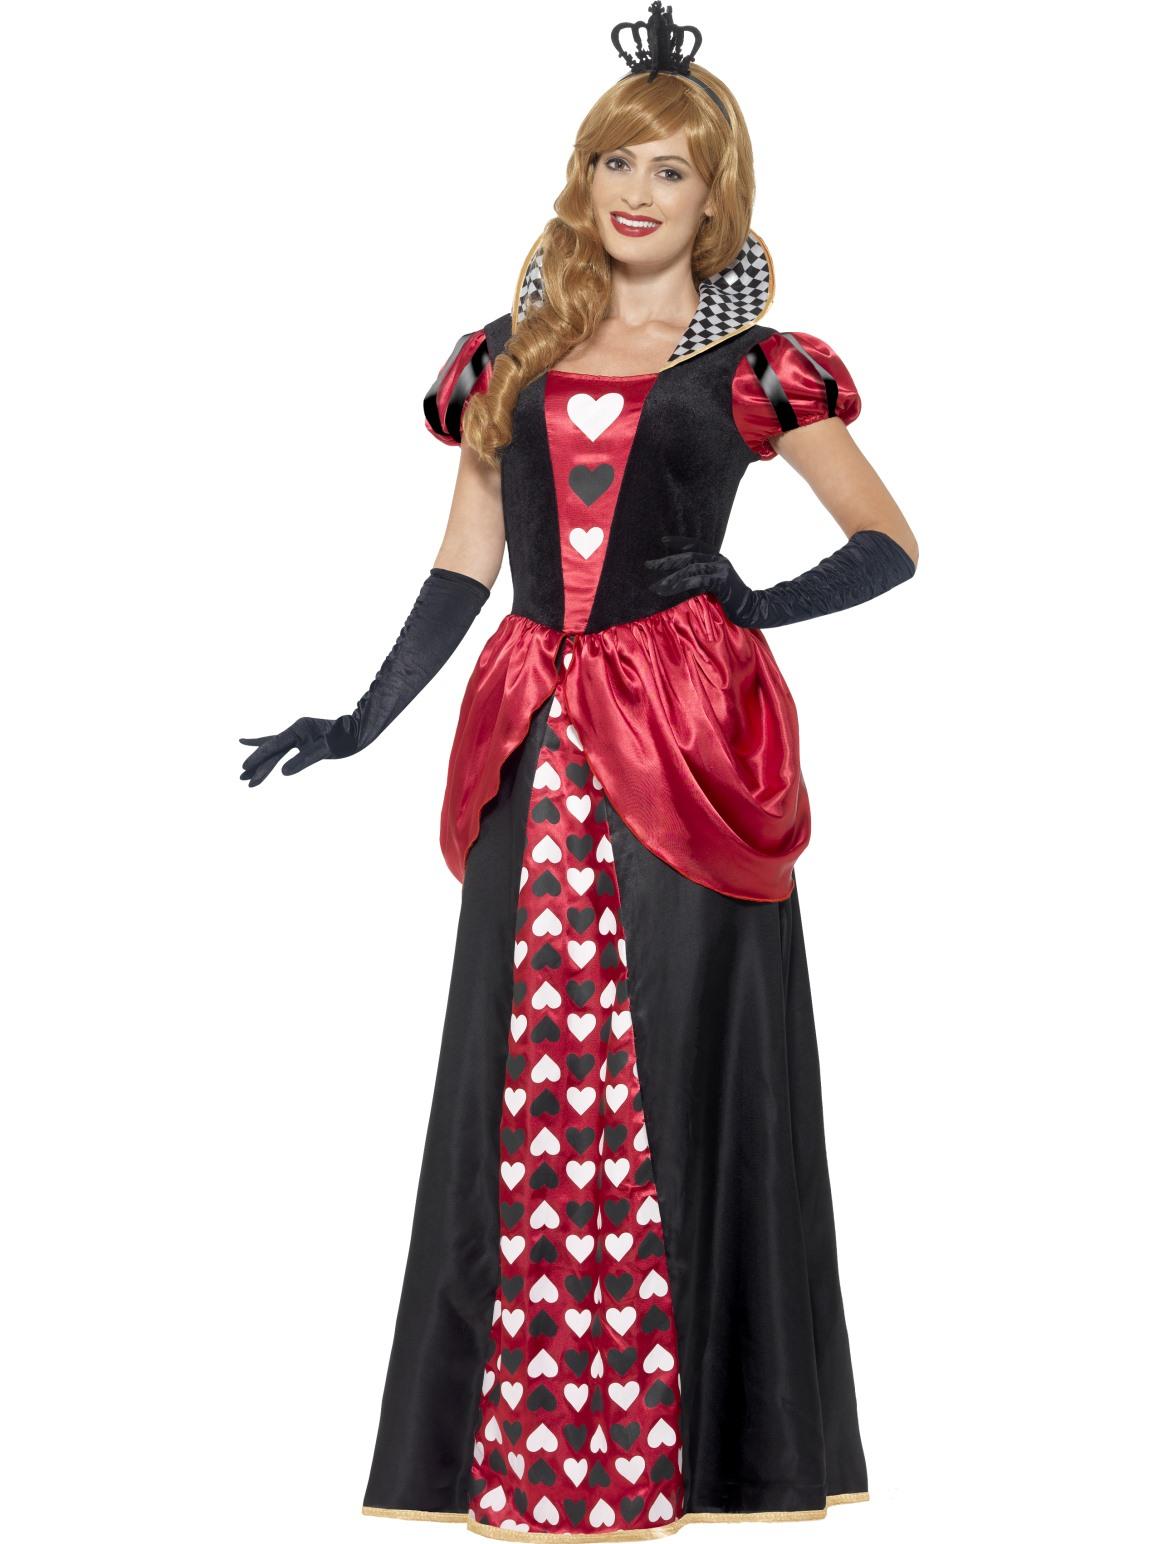 Queen-Of-Hearts-Alice-In-Wonderland-Ladies-Costume-Fairytale-Fancy-Dress